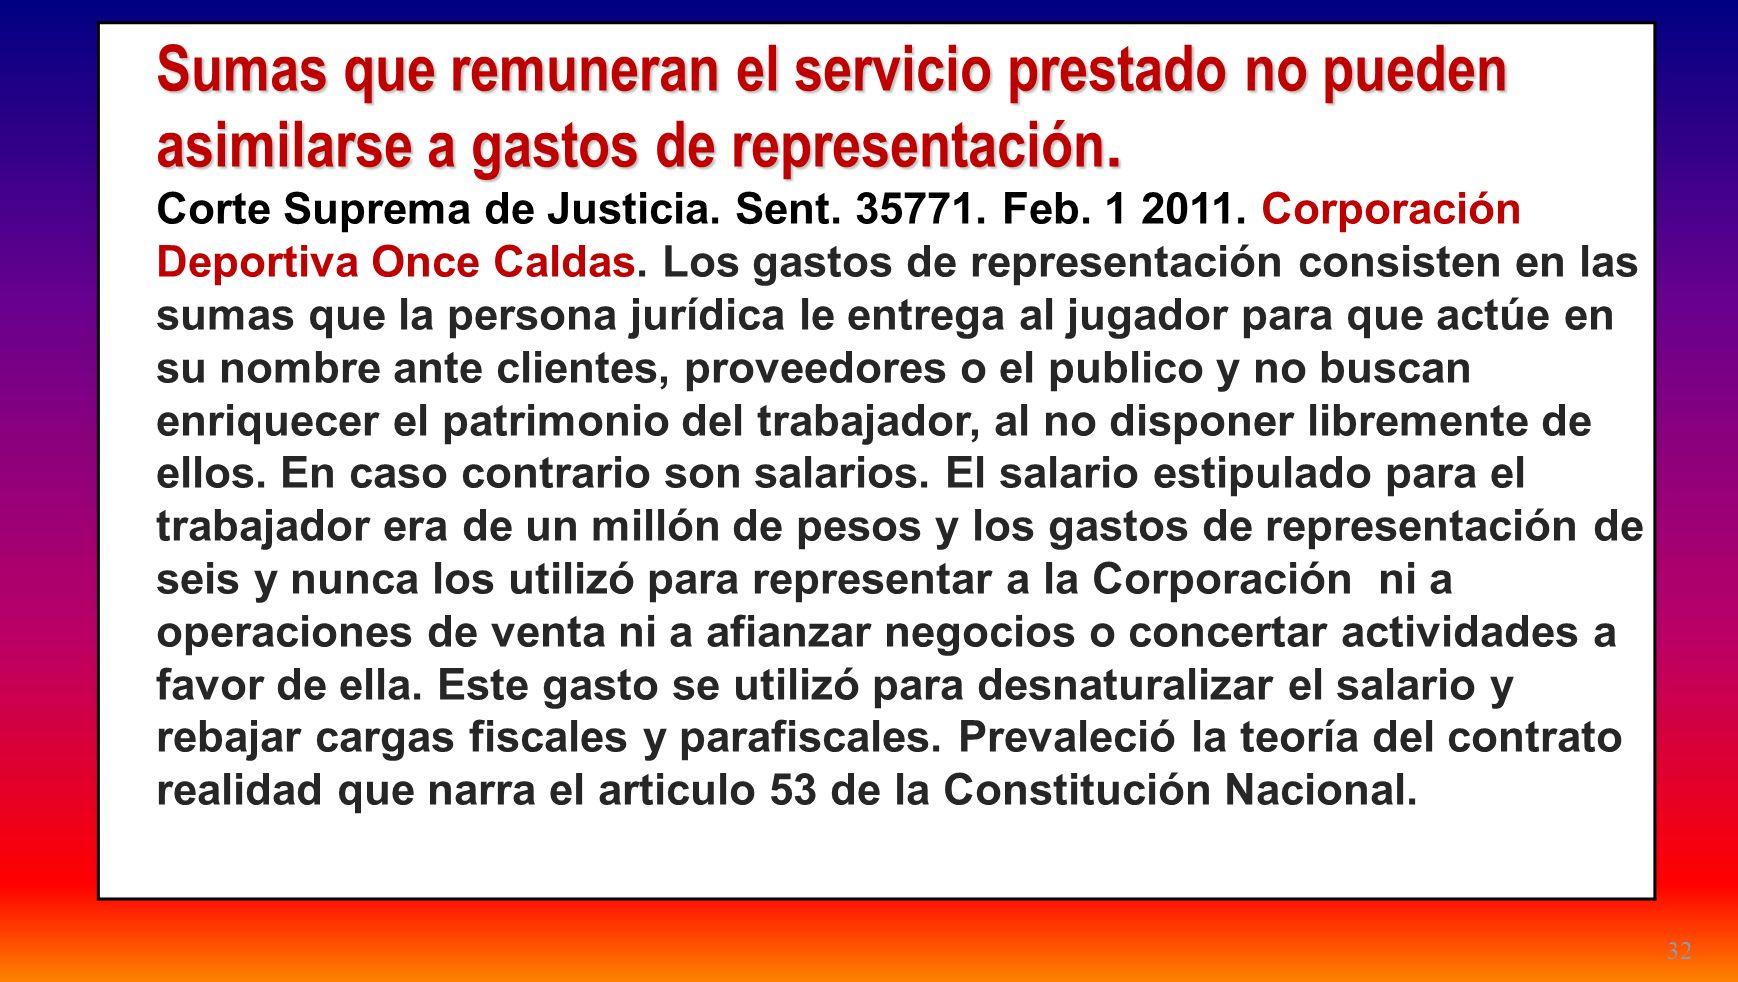 32 Sumas que remuneran el servicio prestado no pueden asimilarse a gastos de representación. Corte Suprema de Justicia. Sent. 35771. Feb. 1 2011. Corp